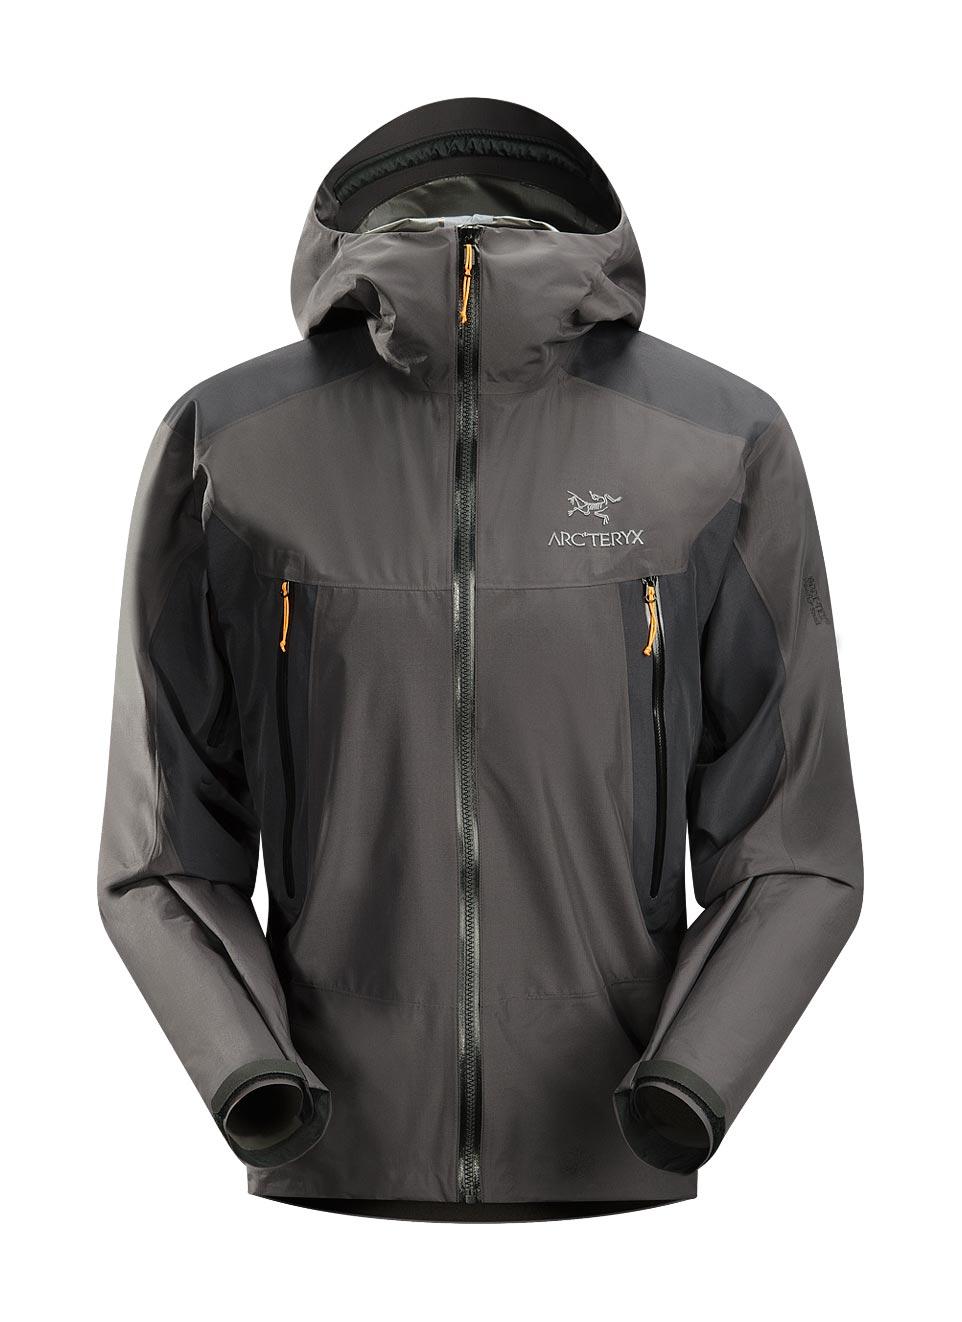 0f85e0007 Arcteryx Citron Alpha SL Hybrid Jacket - New | Arc'teryx Jackets Men ...